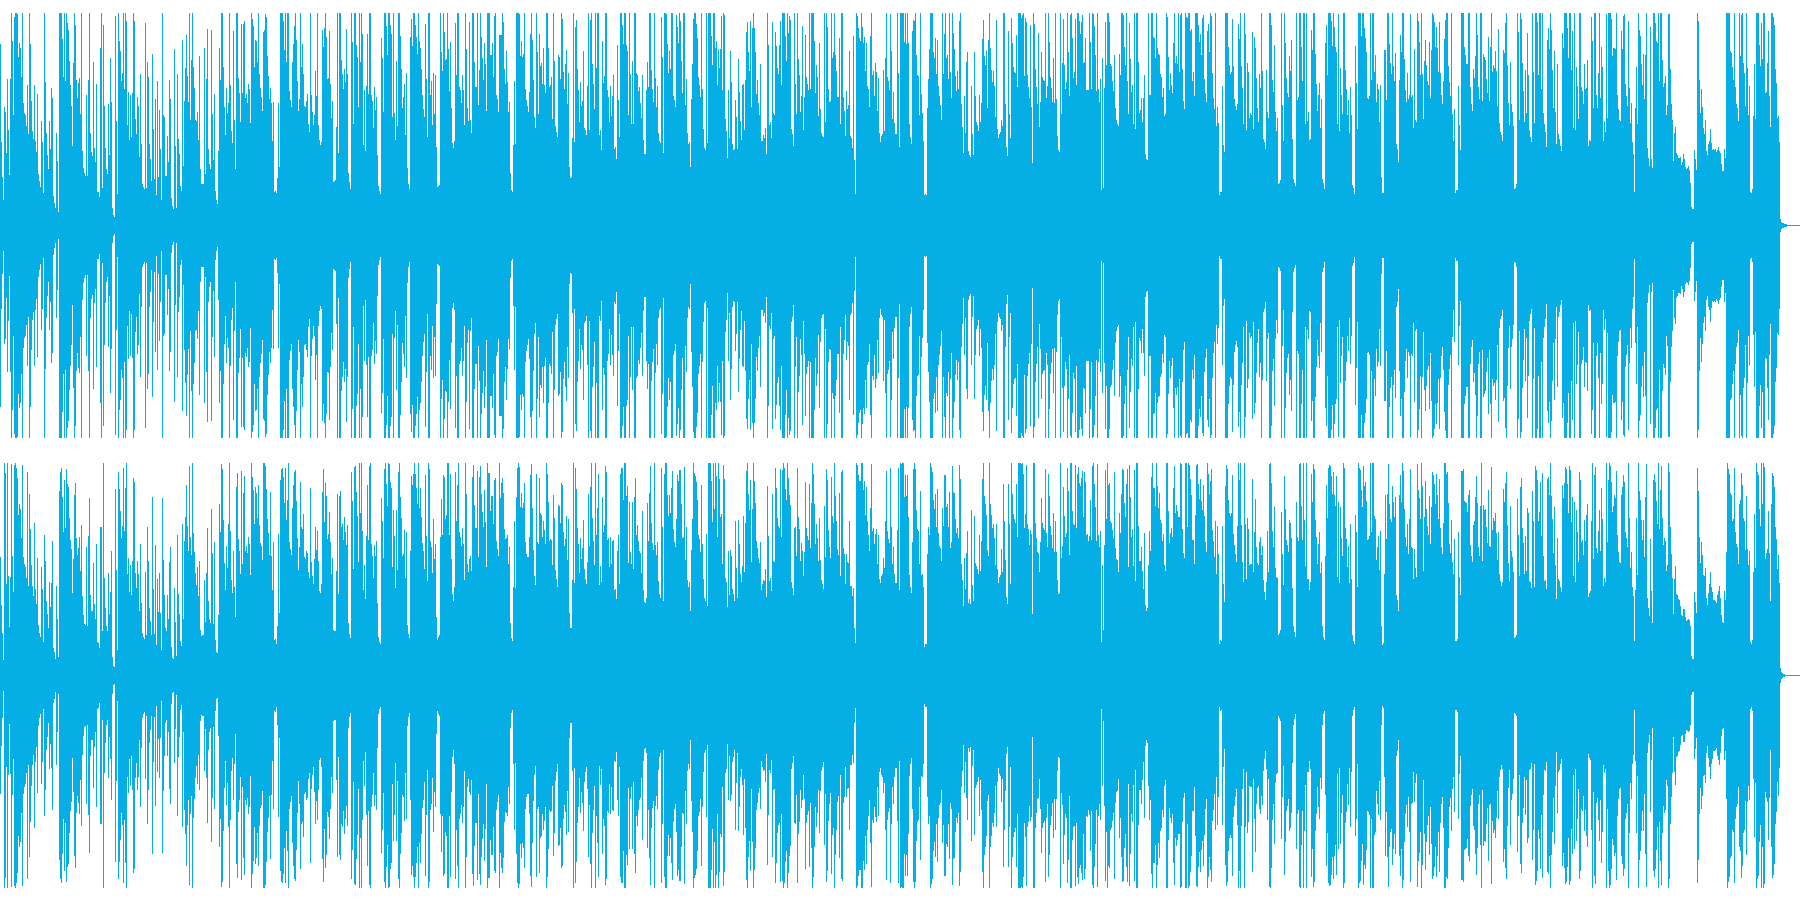 ウクレレを用いた陽気で明るい楽曲の再生済みの波形